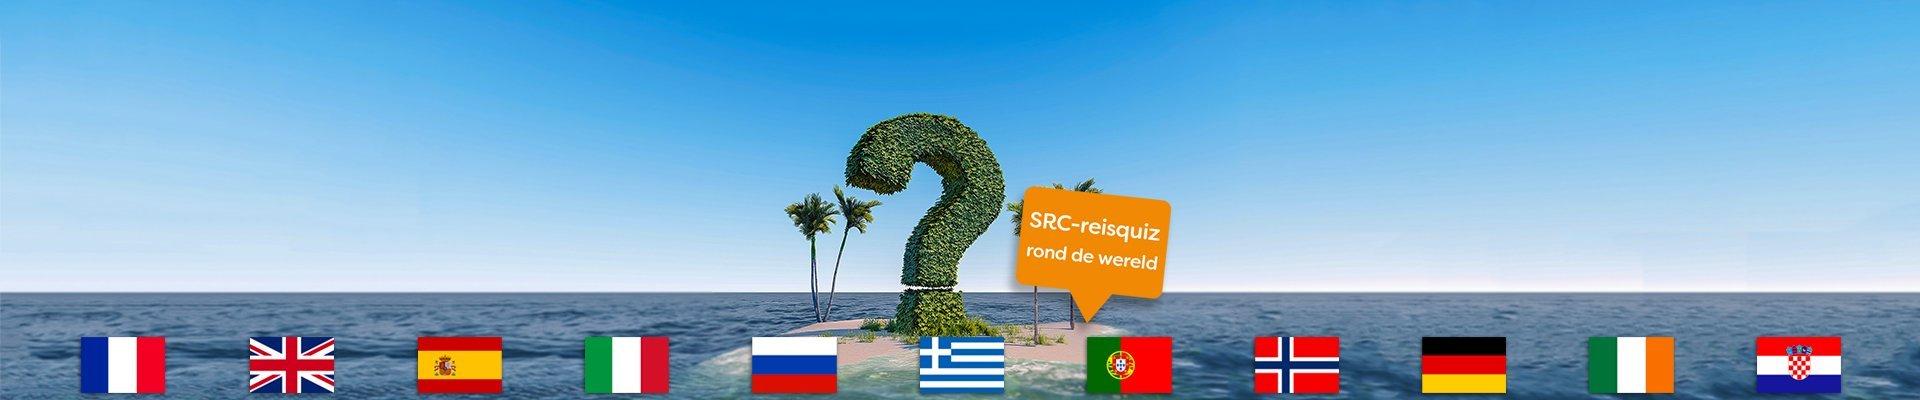 SRC-reisquiz rond de wereld